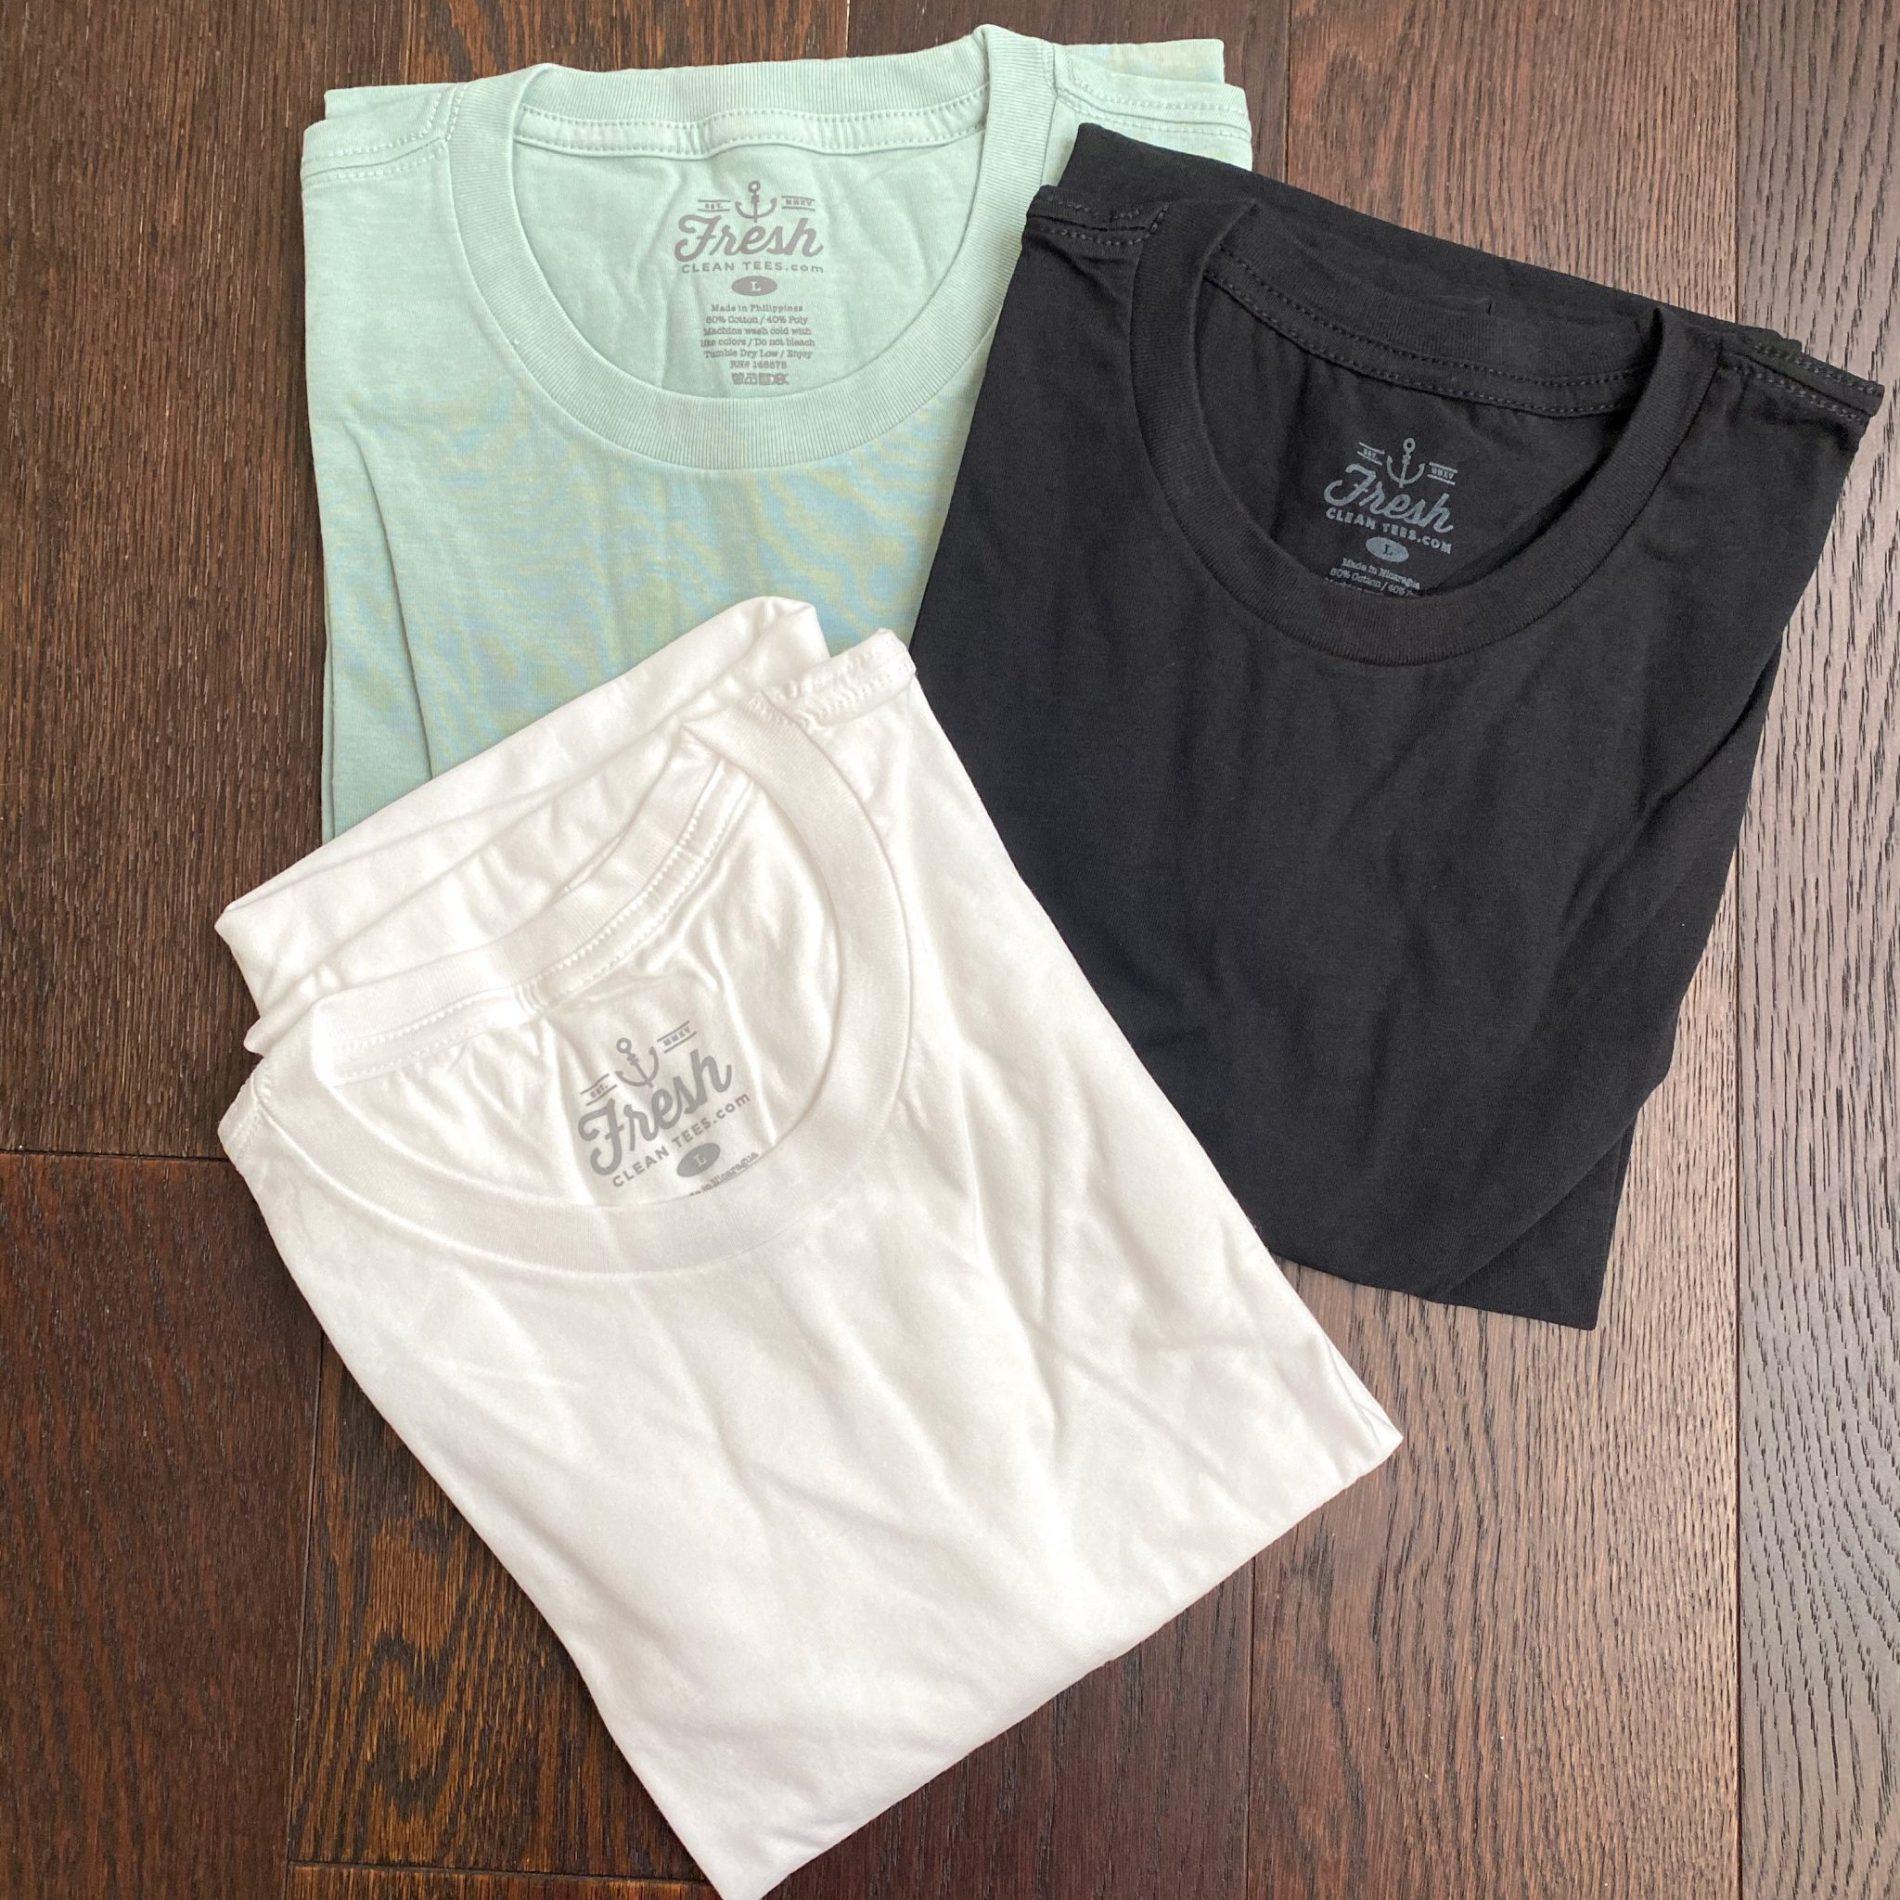 Fresh Clean Tees Shirt Club Review – February 2021